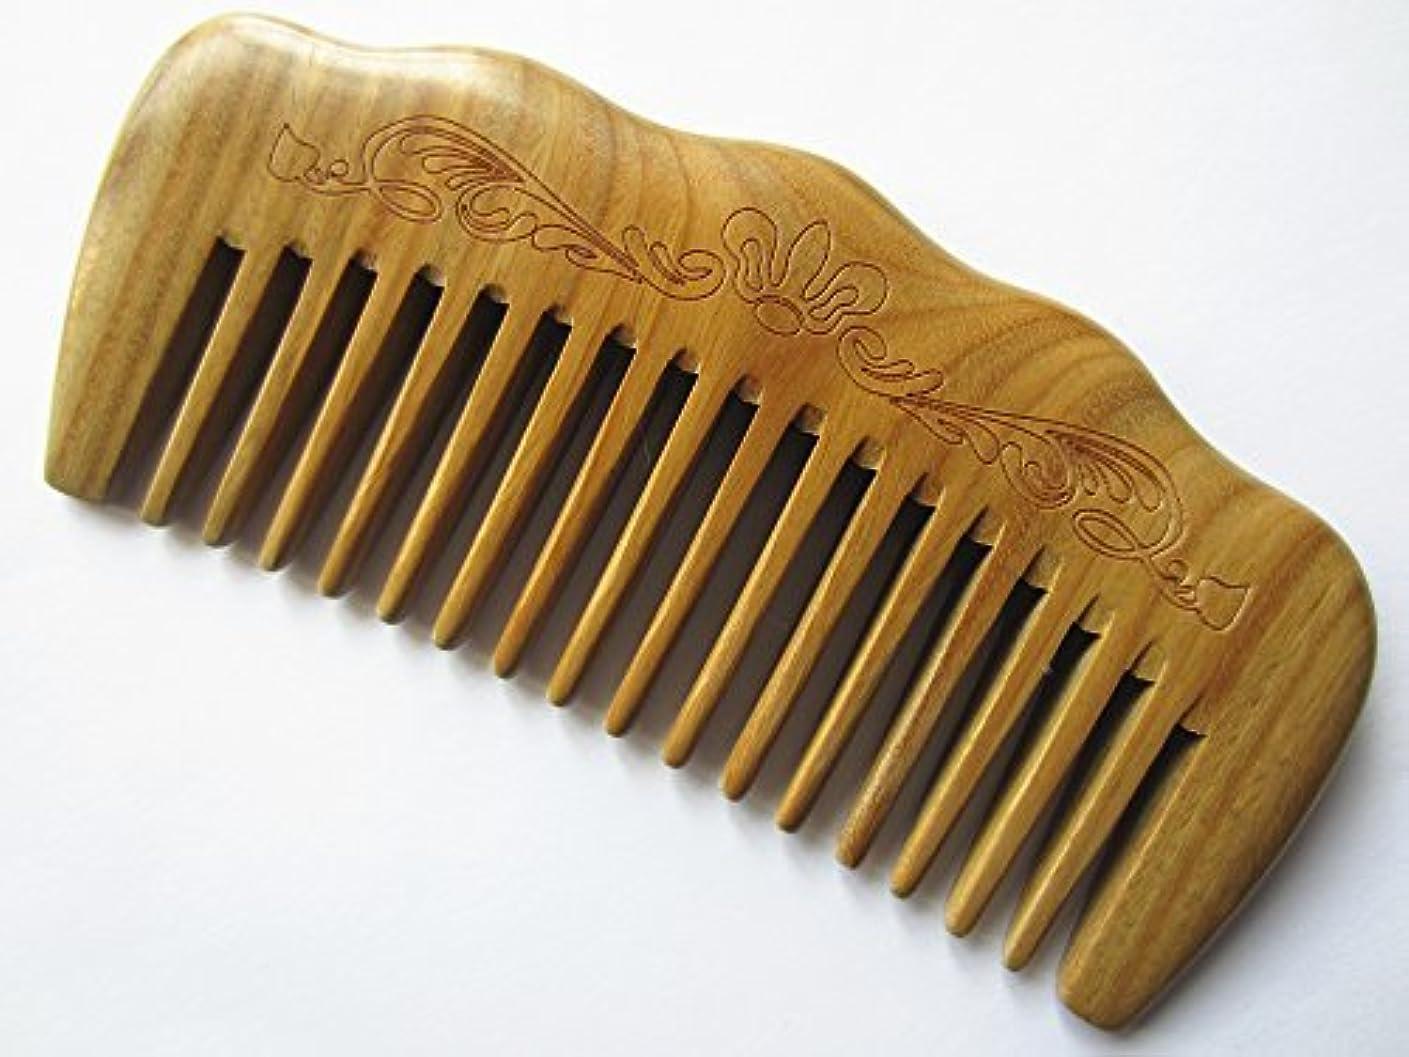 早める反応する精査するMyhsmooth Gs-by-mt Wide Tooth Wood Handmade Natural Green Sandalwood No Static Comb with Aromatic Scent for Detangling Curly Hair and Gift (4.9